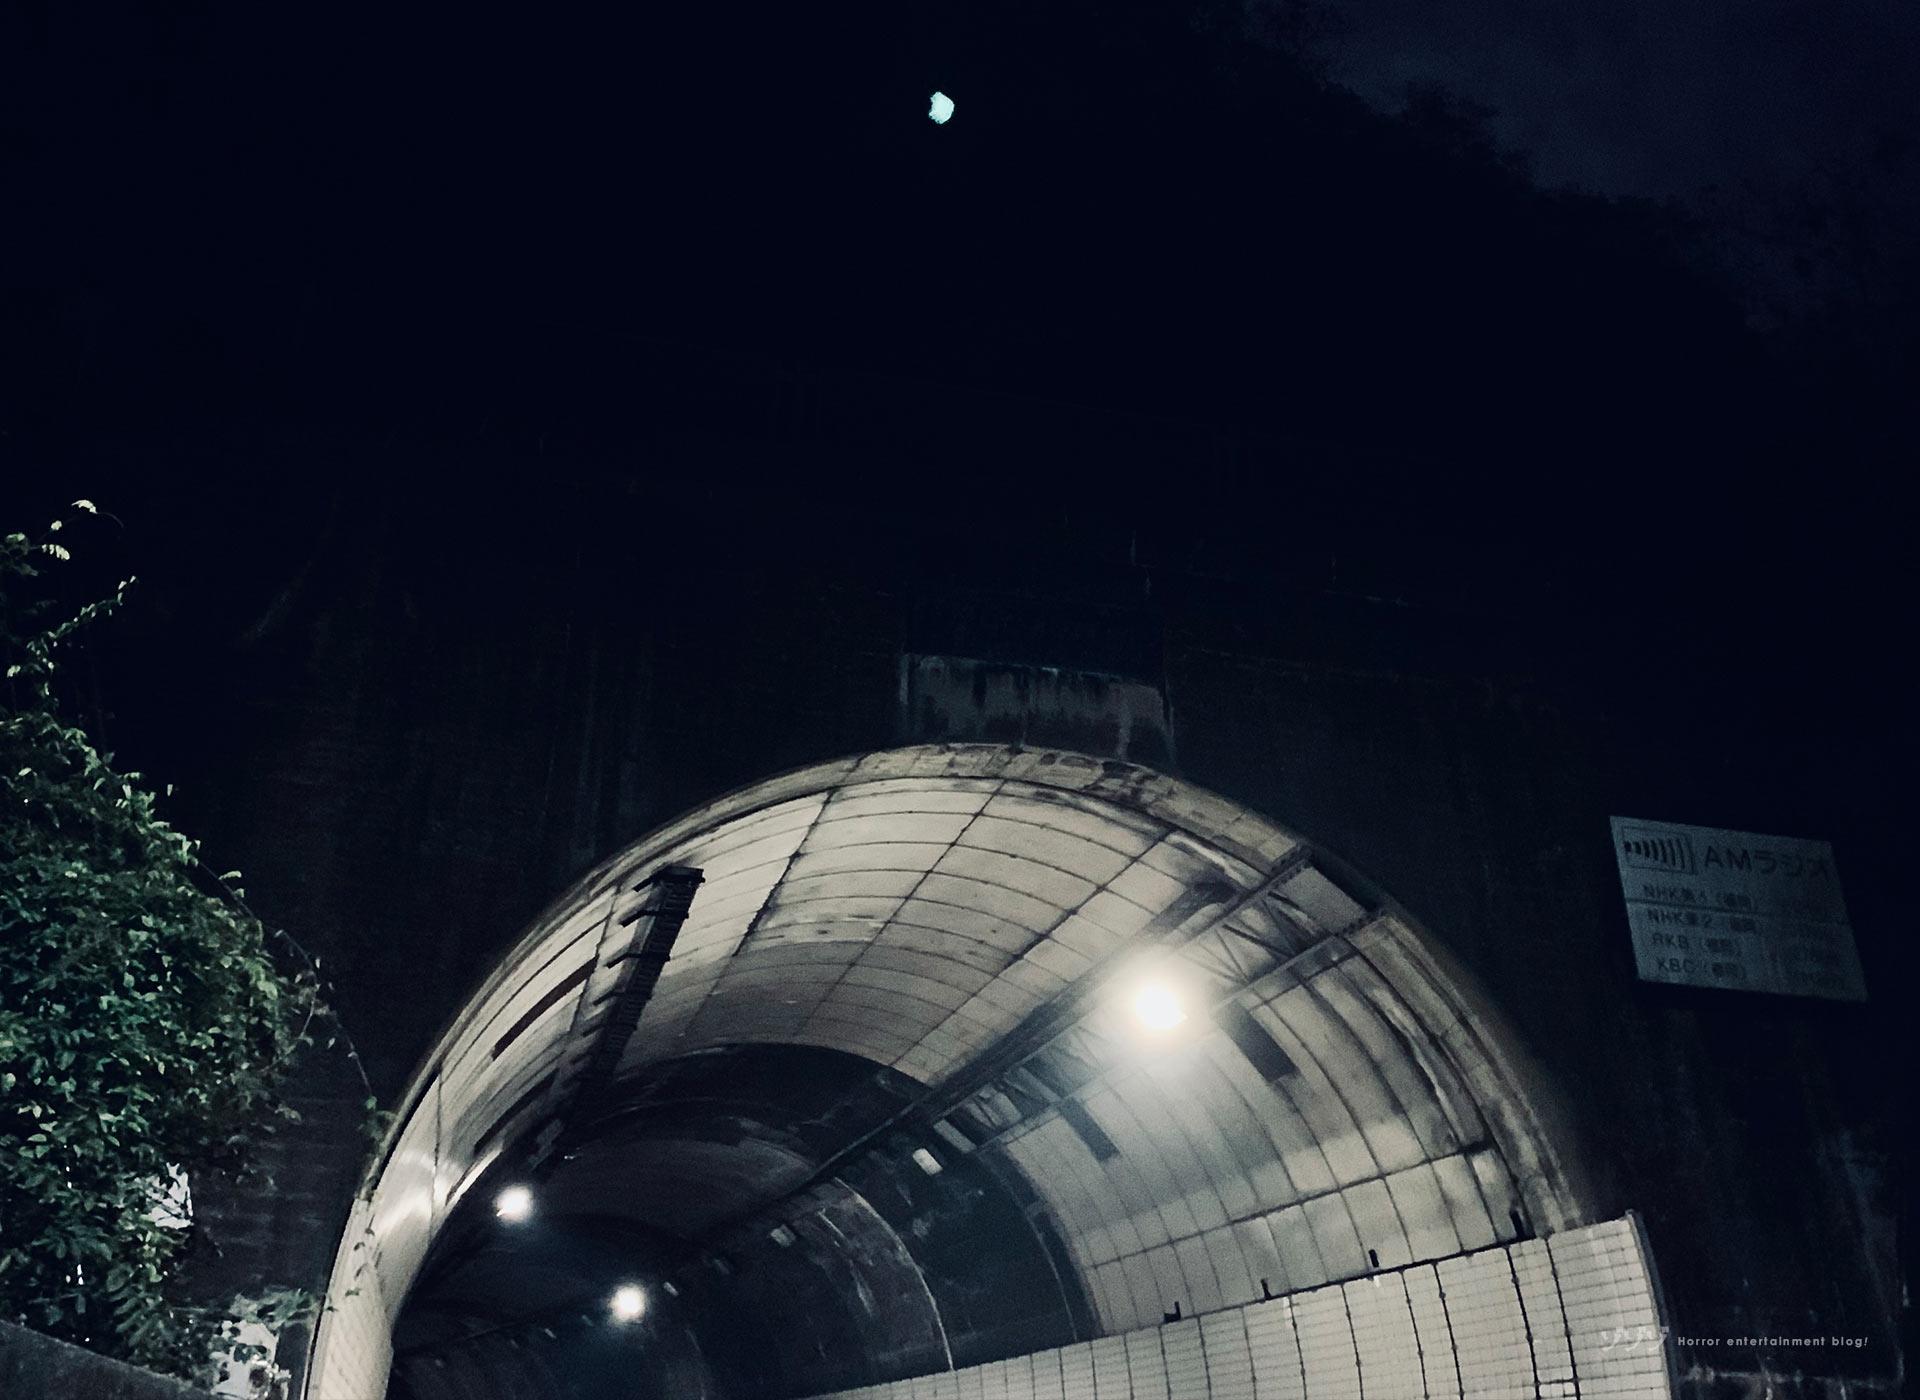 【シリーズ・心霊スポット】新犬鳴トンネル